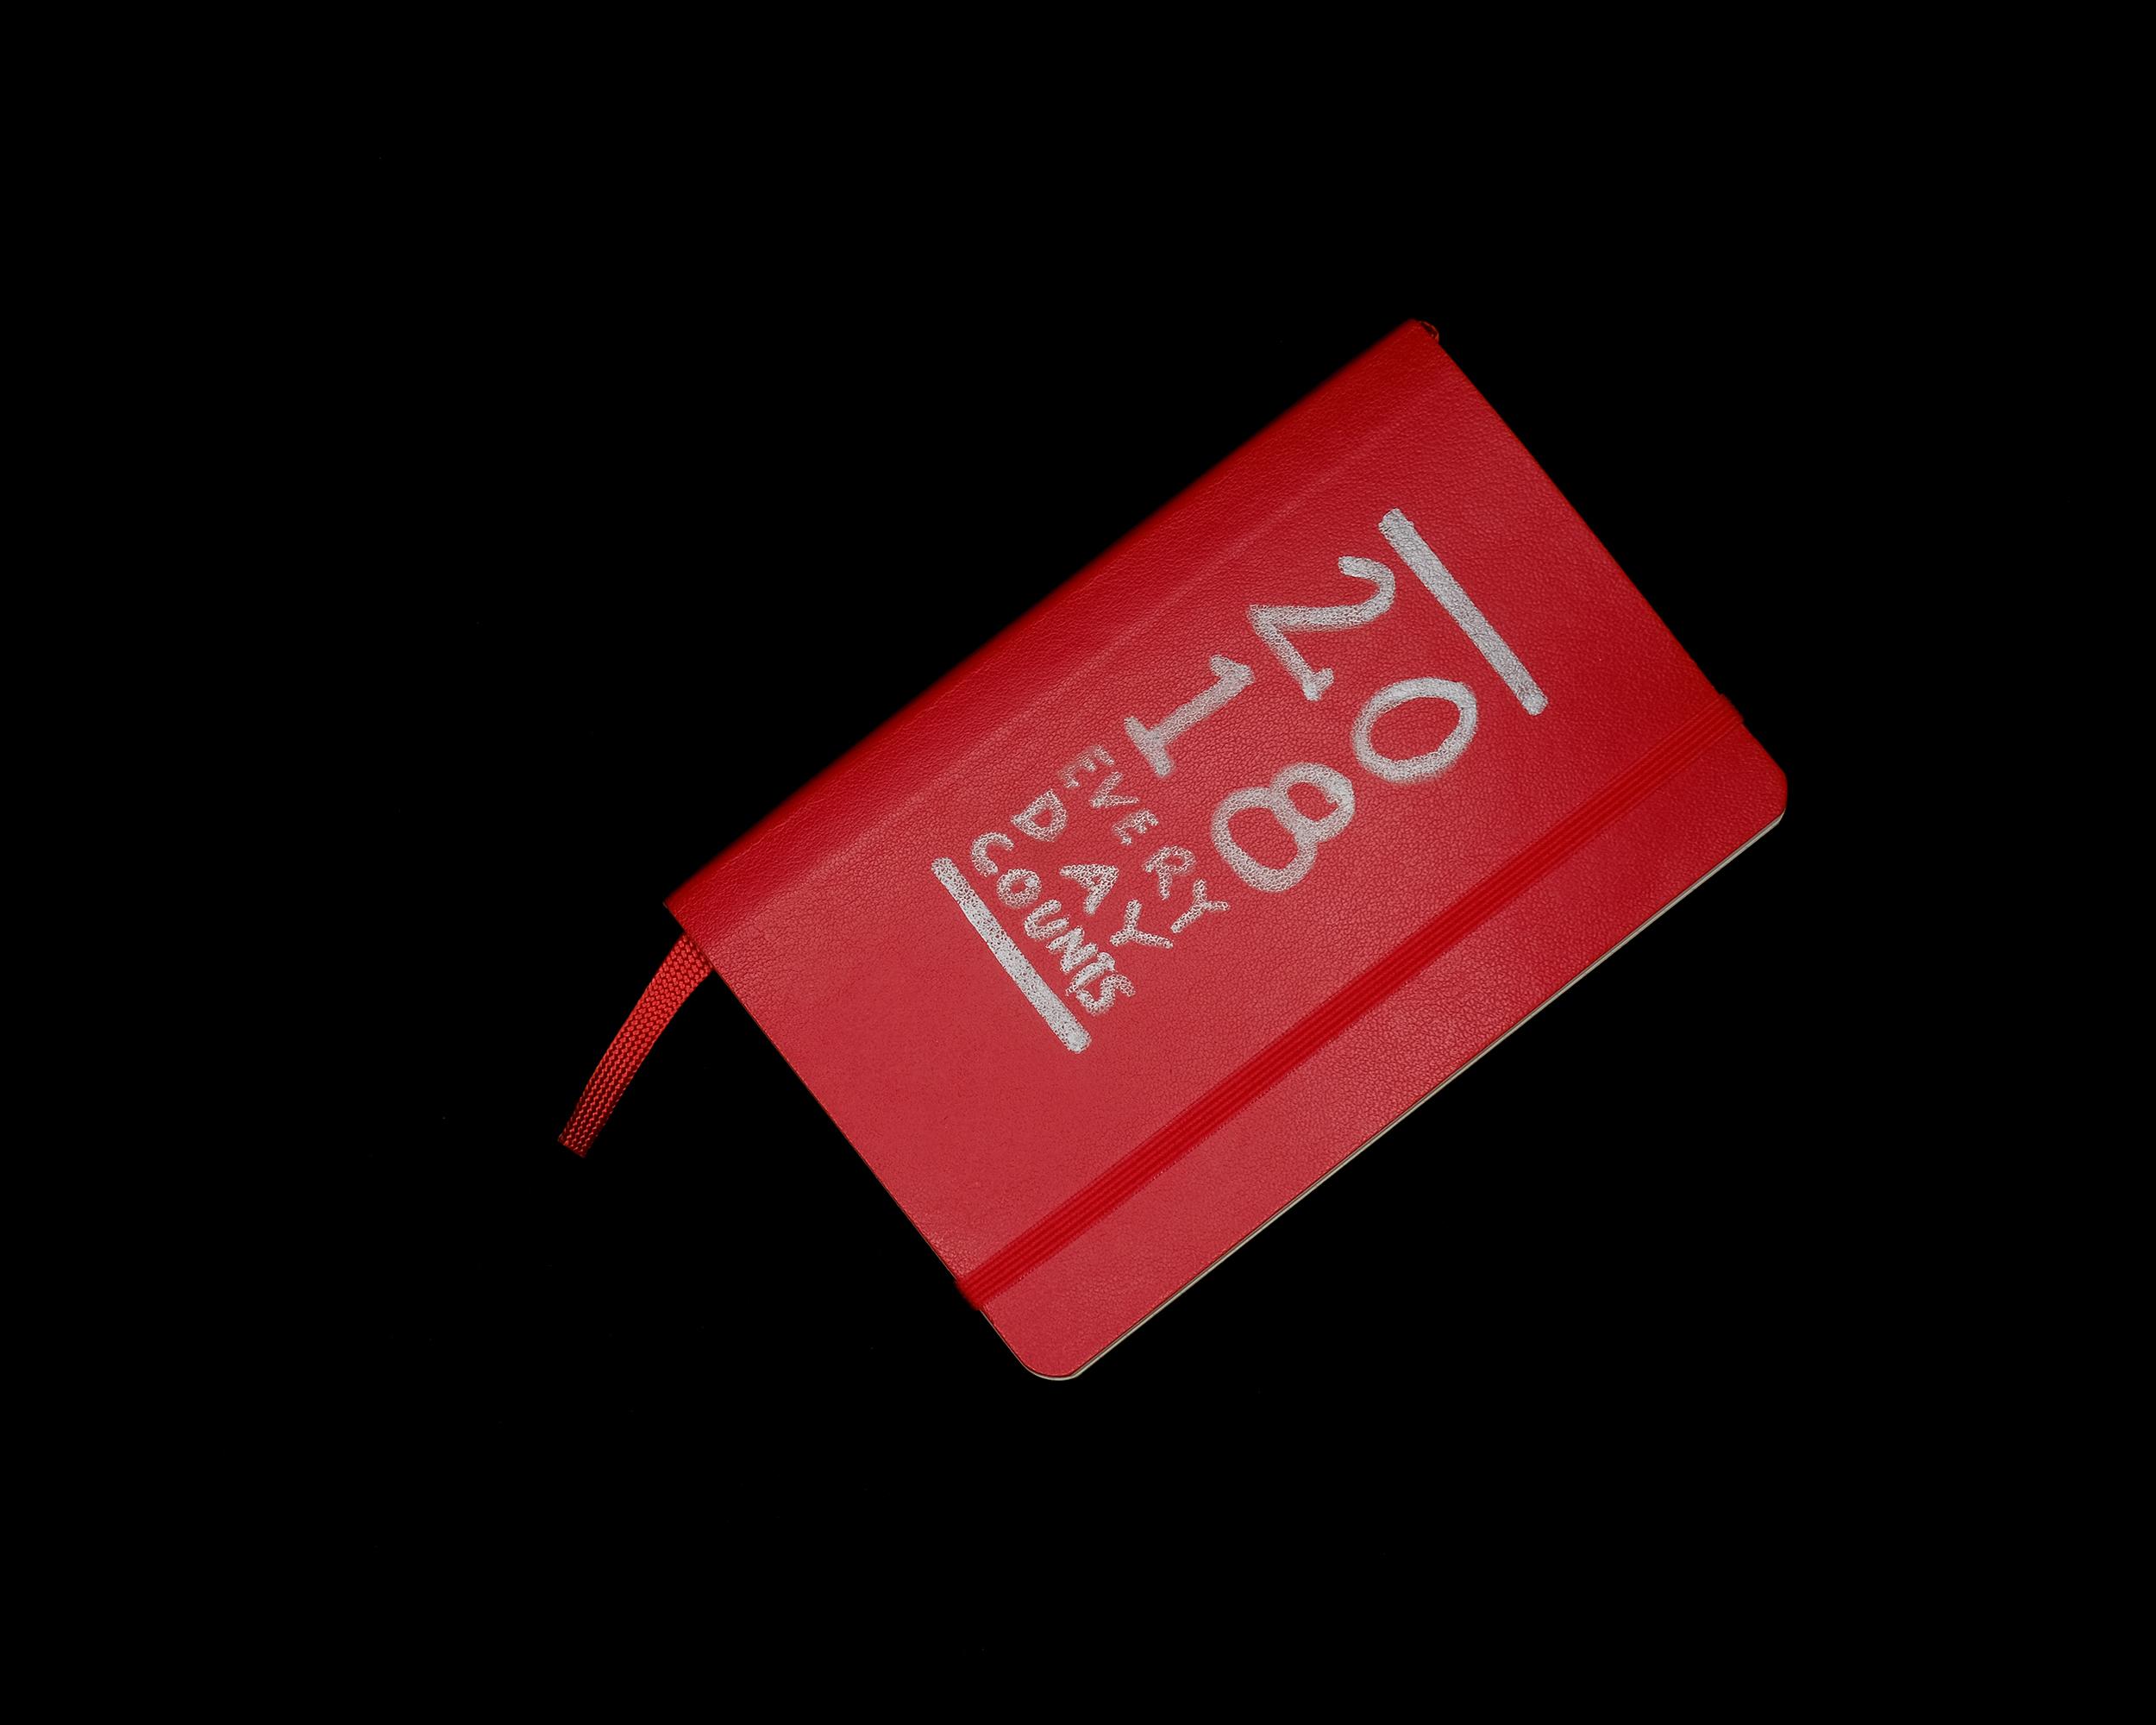 DSCF7880_fin_013018_10x8.jpg